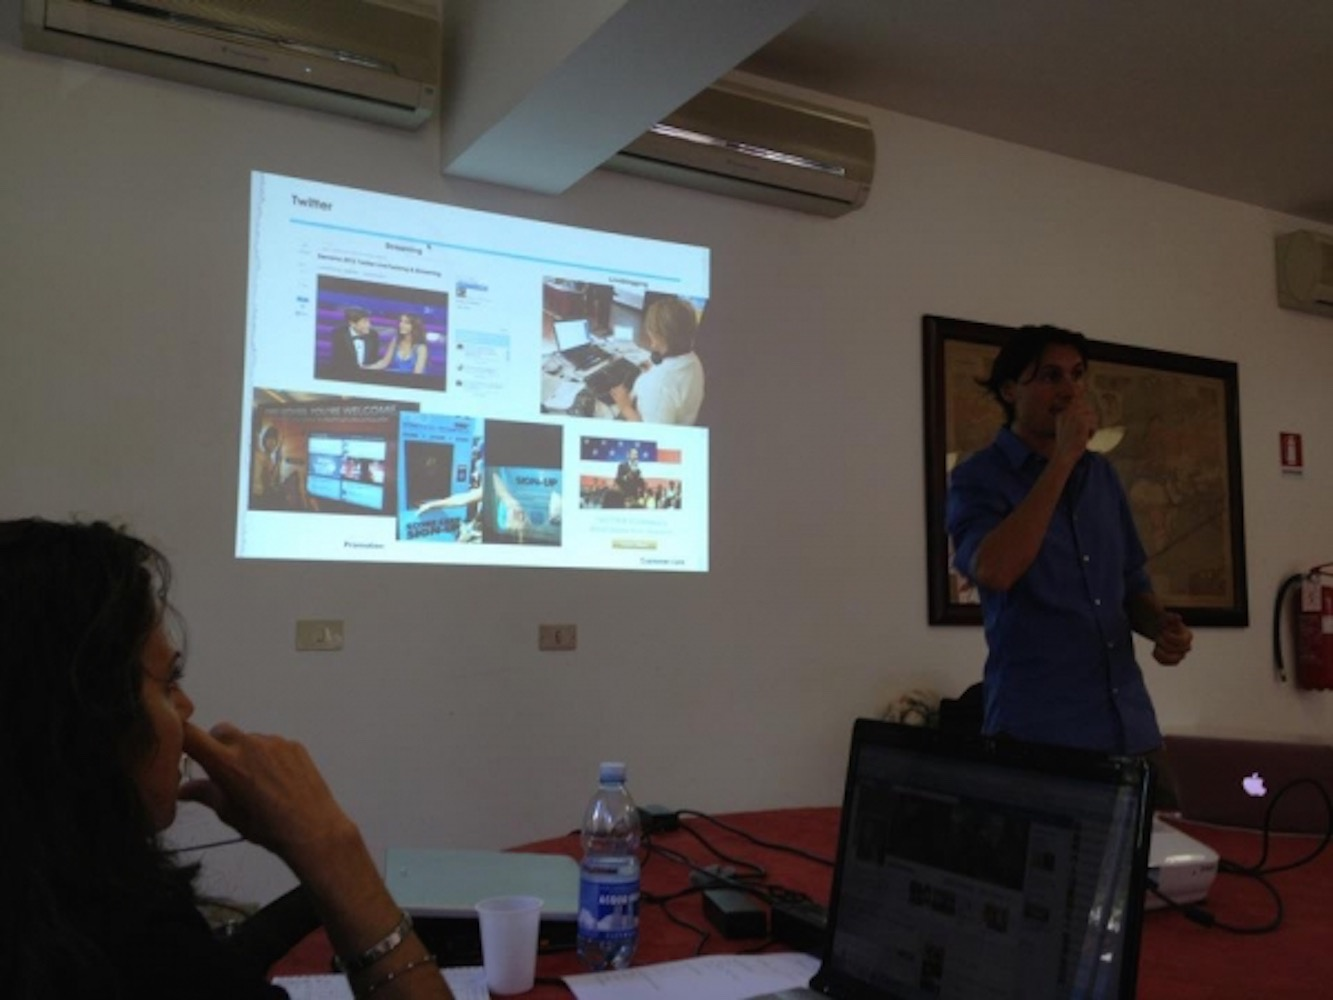 Corso comunicazione d'impresa e Social Media jacopo pasquini doctorbrand